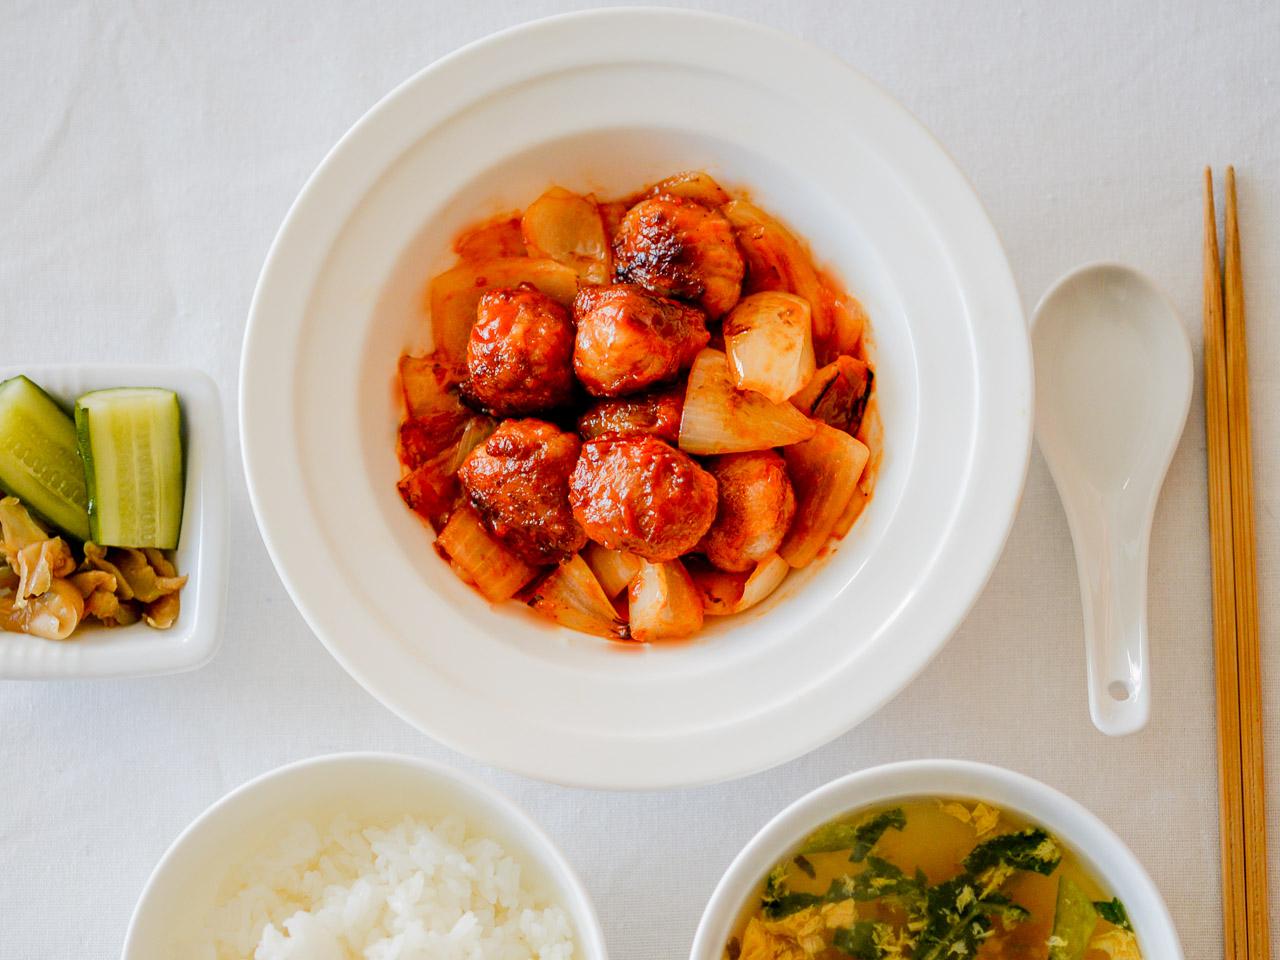 材料ほぼ3つ!簡単うまい昼レシピ【9】唐揚げ粉のW効果で作る「くるくる酢豚」